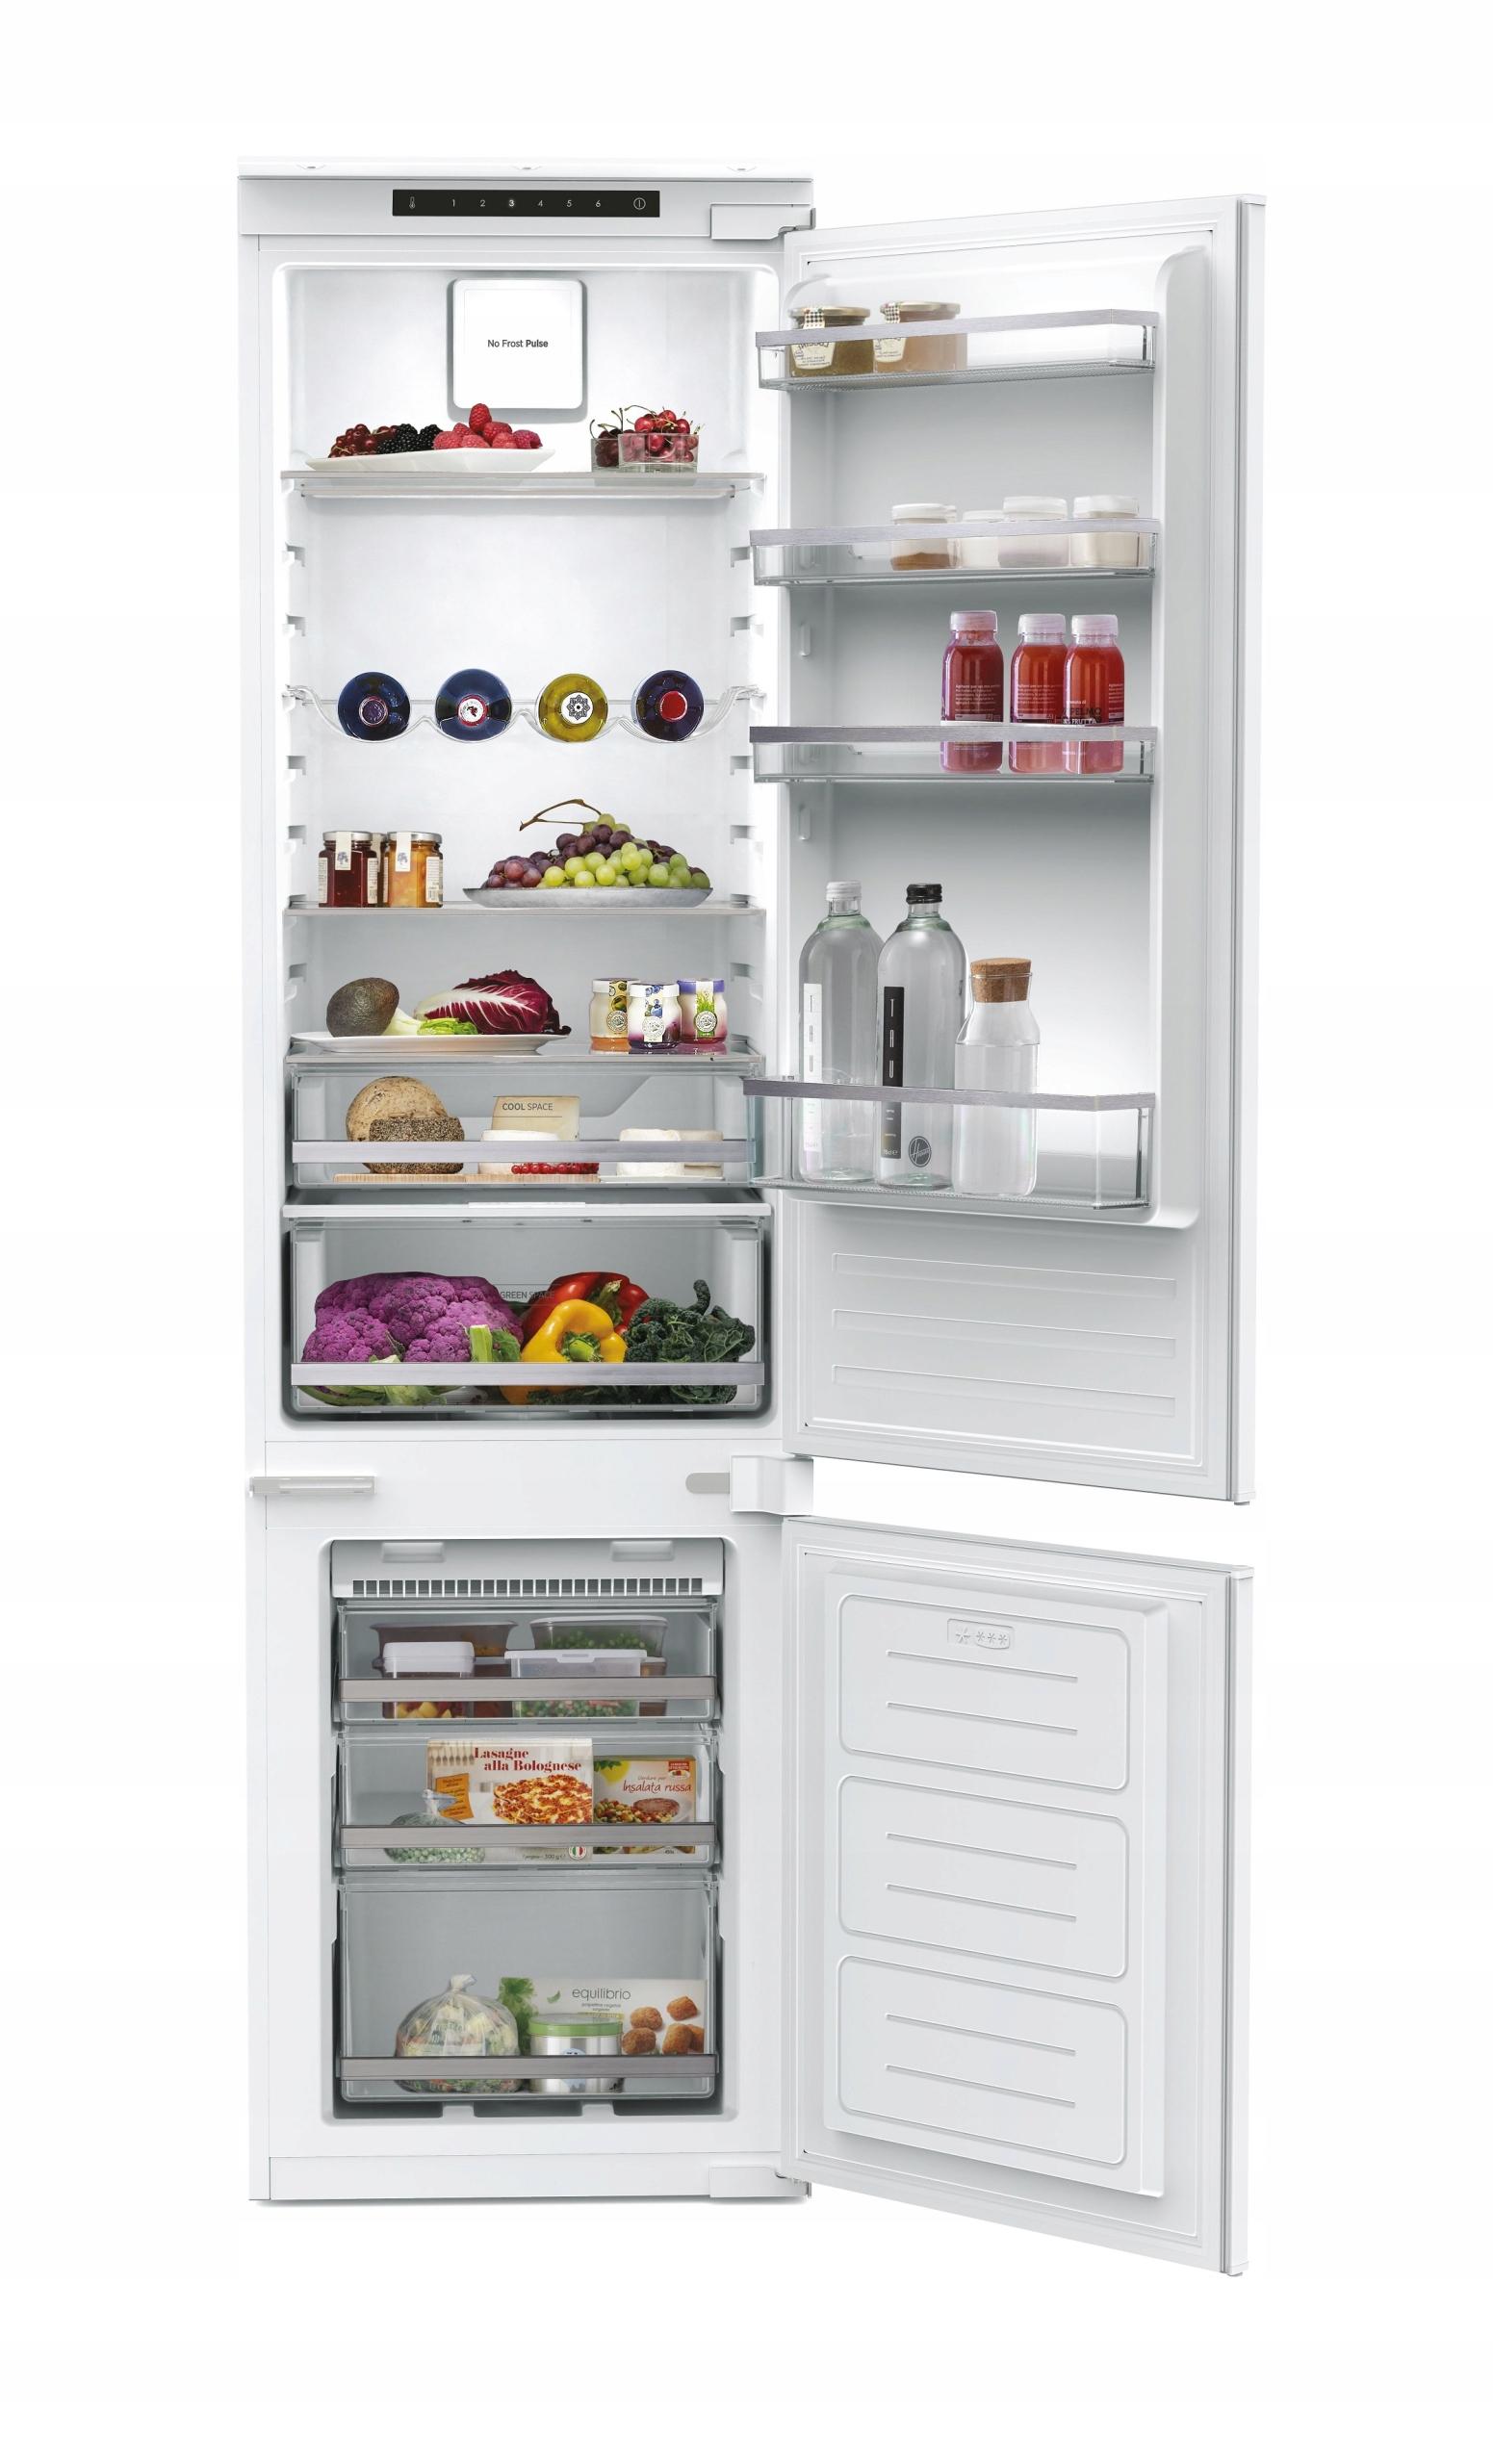 Встраиваемый холодильник 193 см HOOVER full NoFrost LED